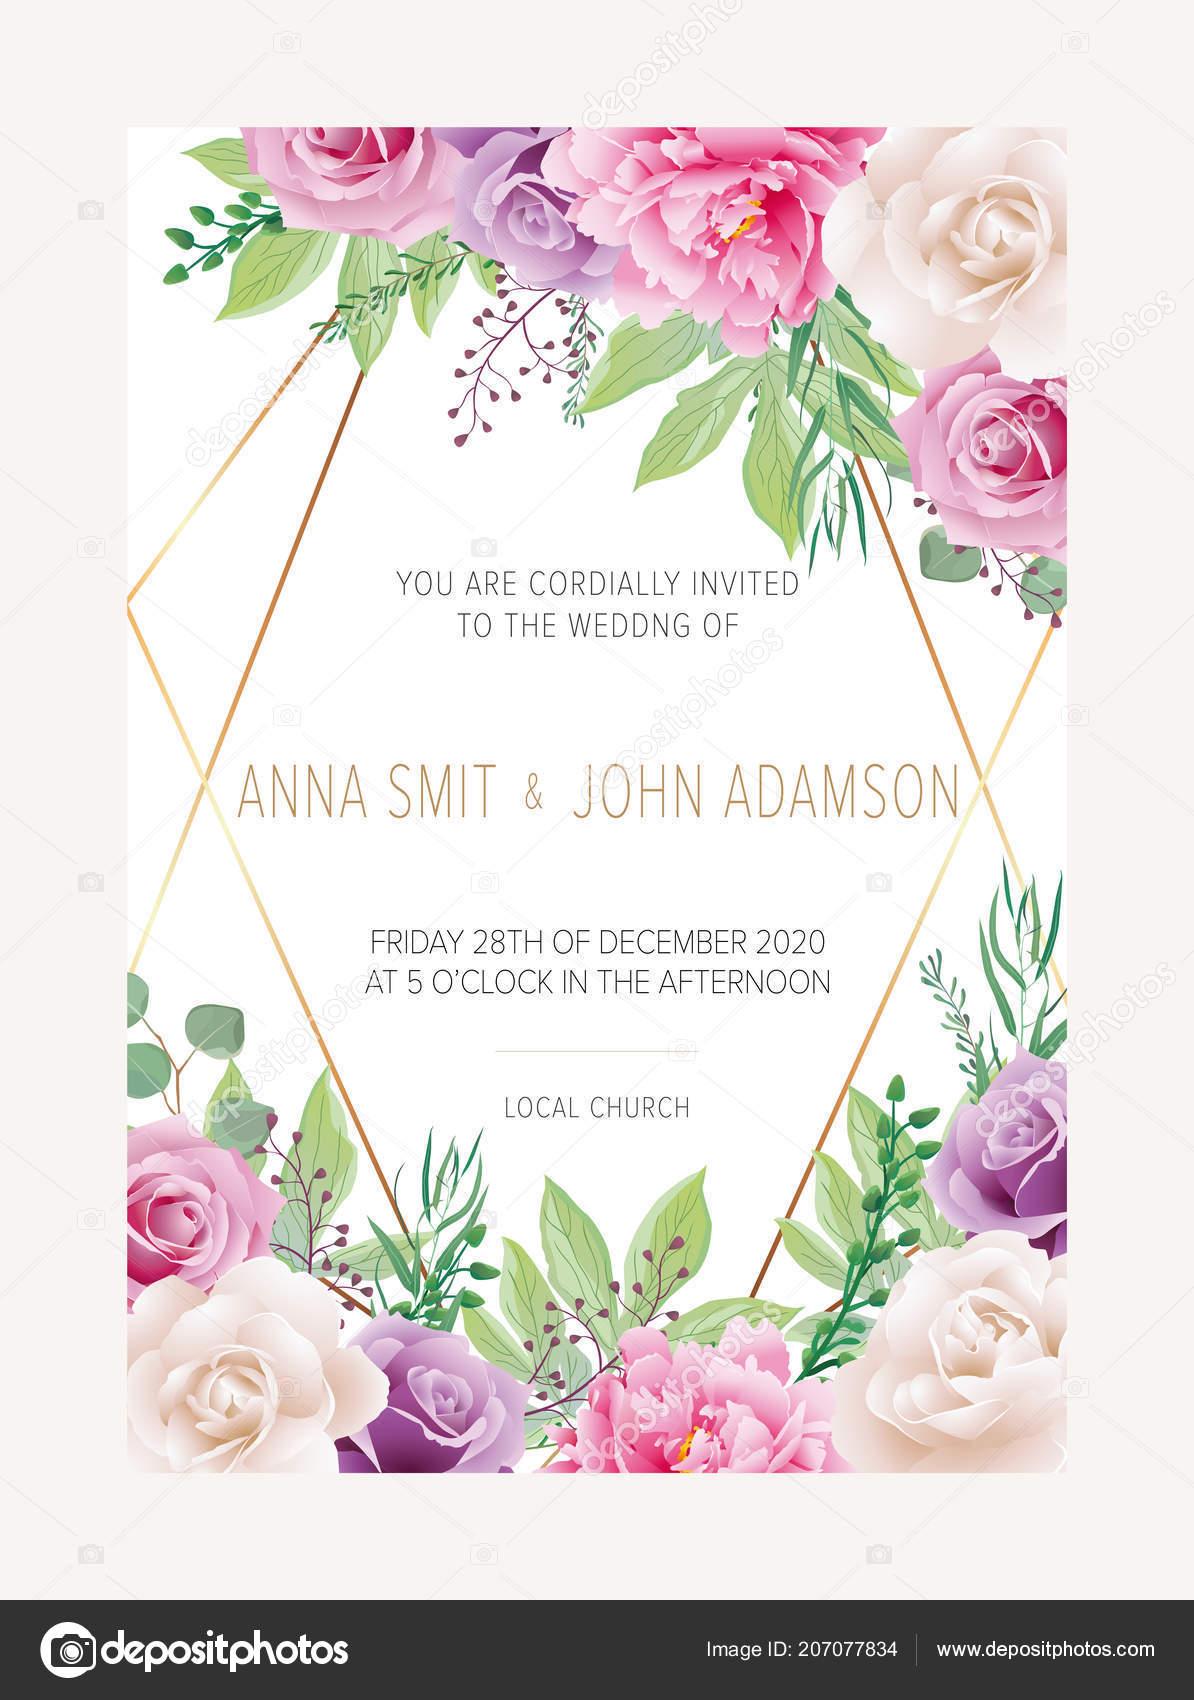 24120d3de2169 Invitación Floral Boda Excepto Diseño Tarjeta Fecha Con Flores ...